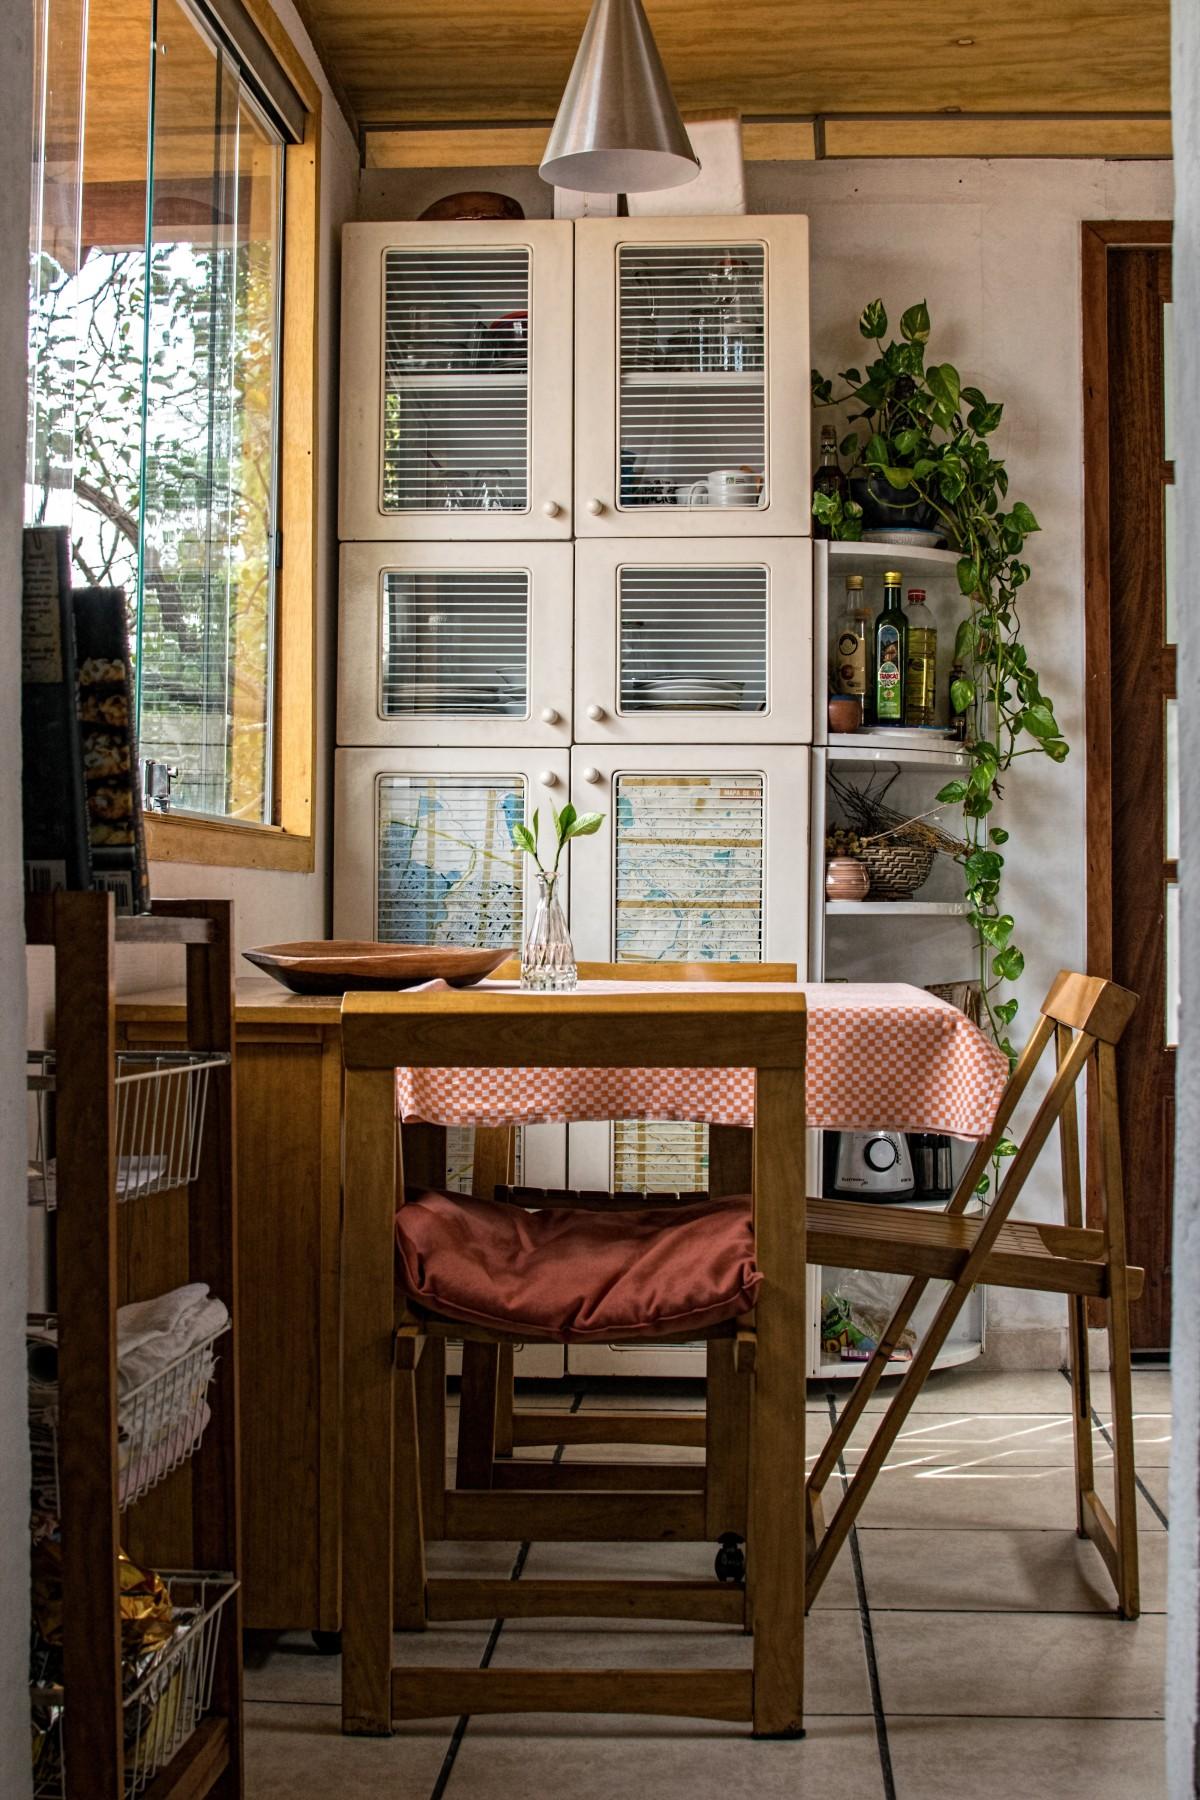 Images gratuites table architecture bois maison porche chalet nettoyer cuisine résidence salon meubles chambre décor design d intérieur